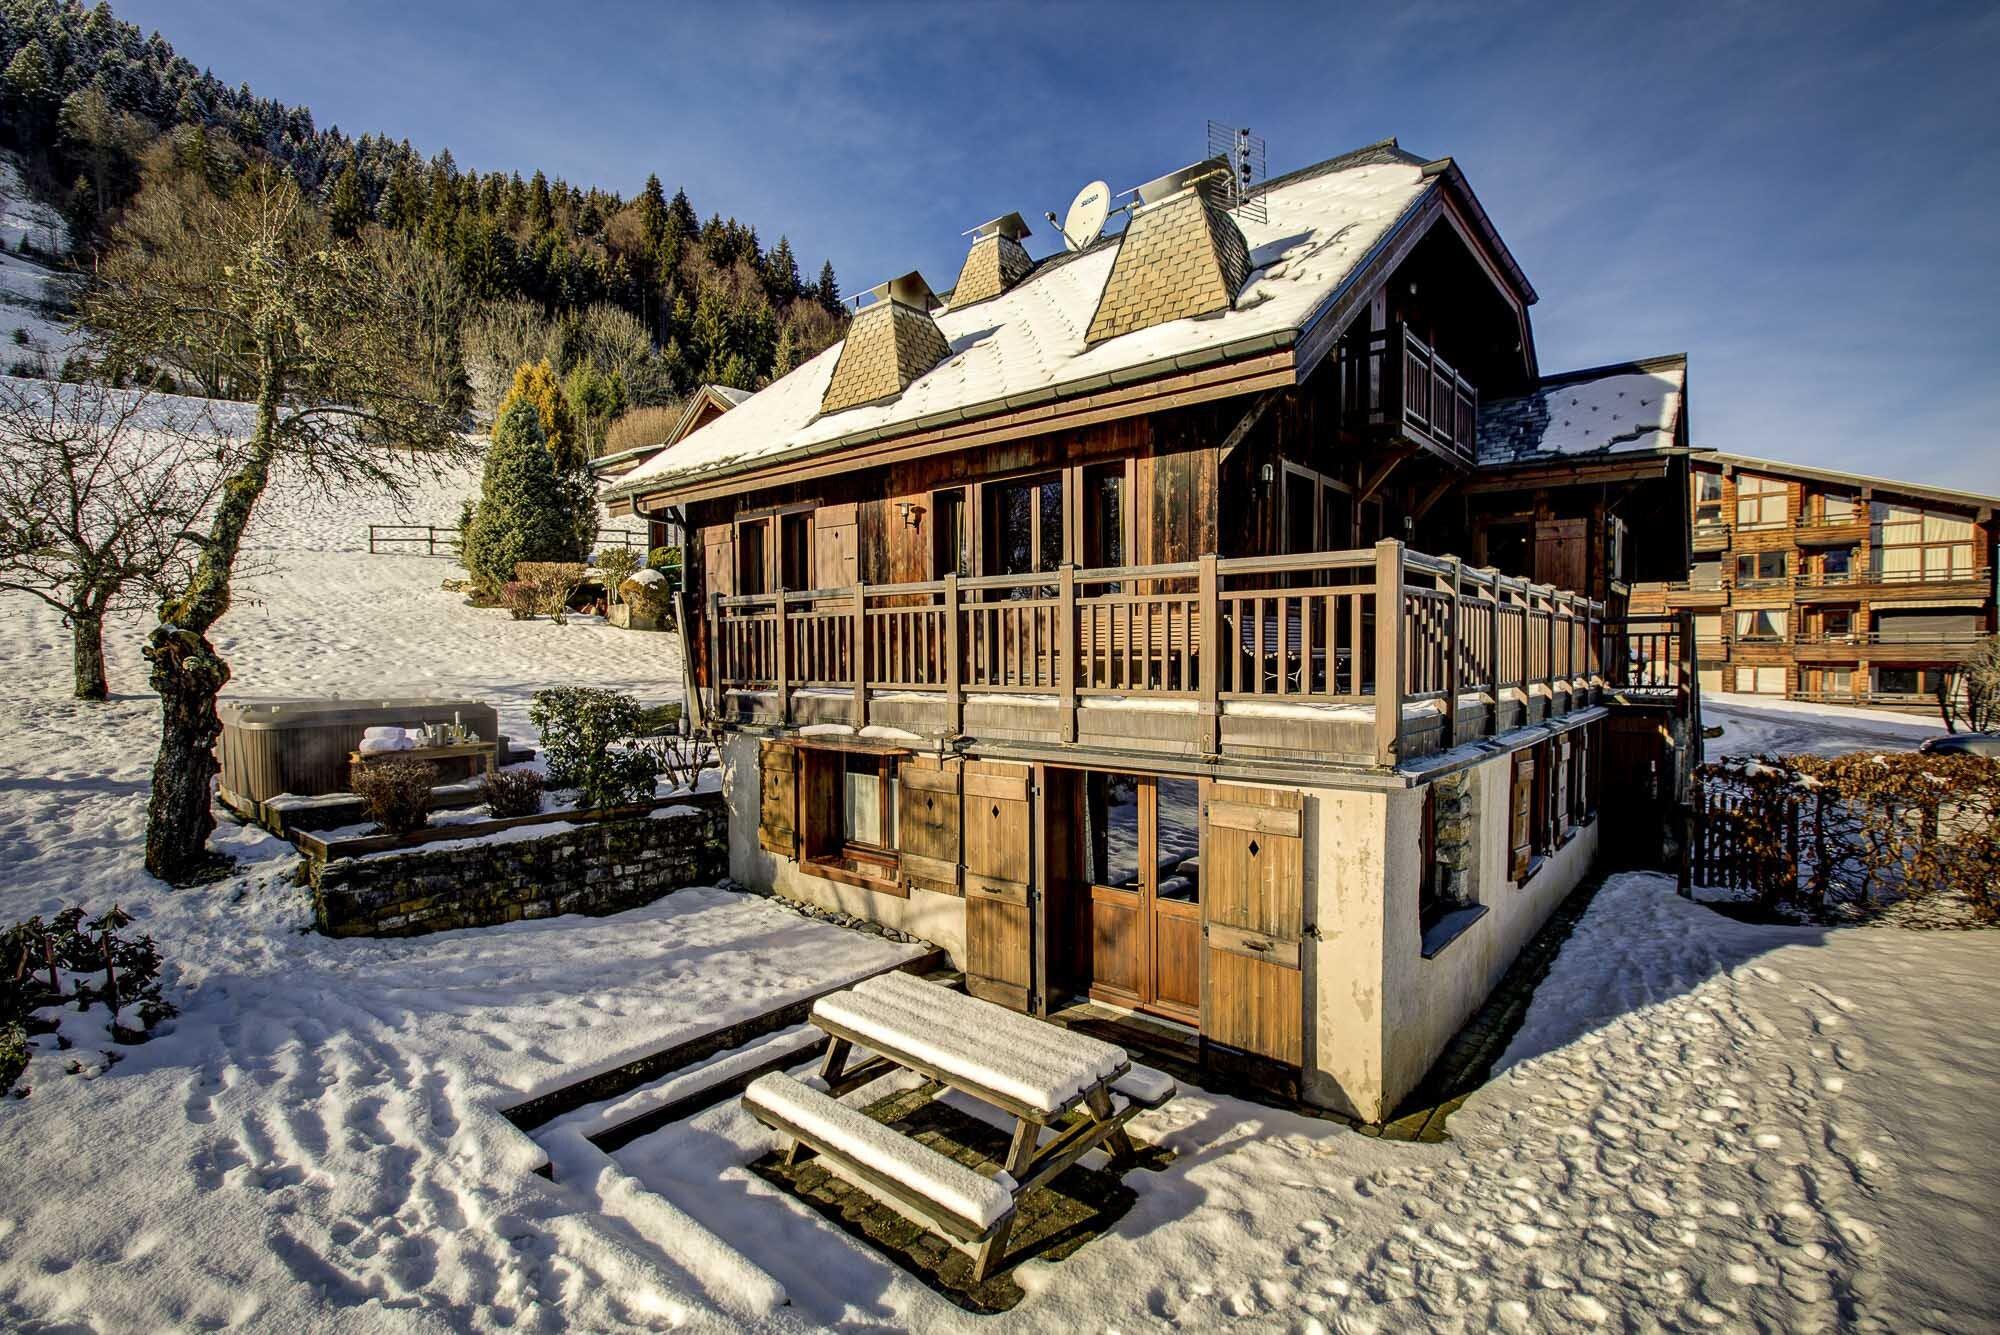 tg-ski-chalet-du-bois-morzine-002.jpg